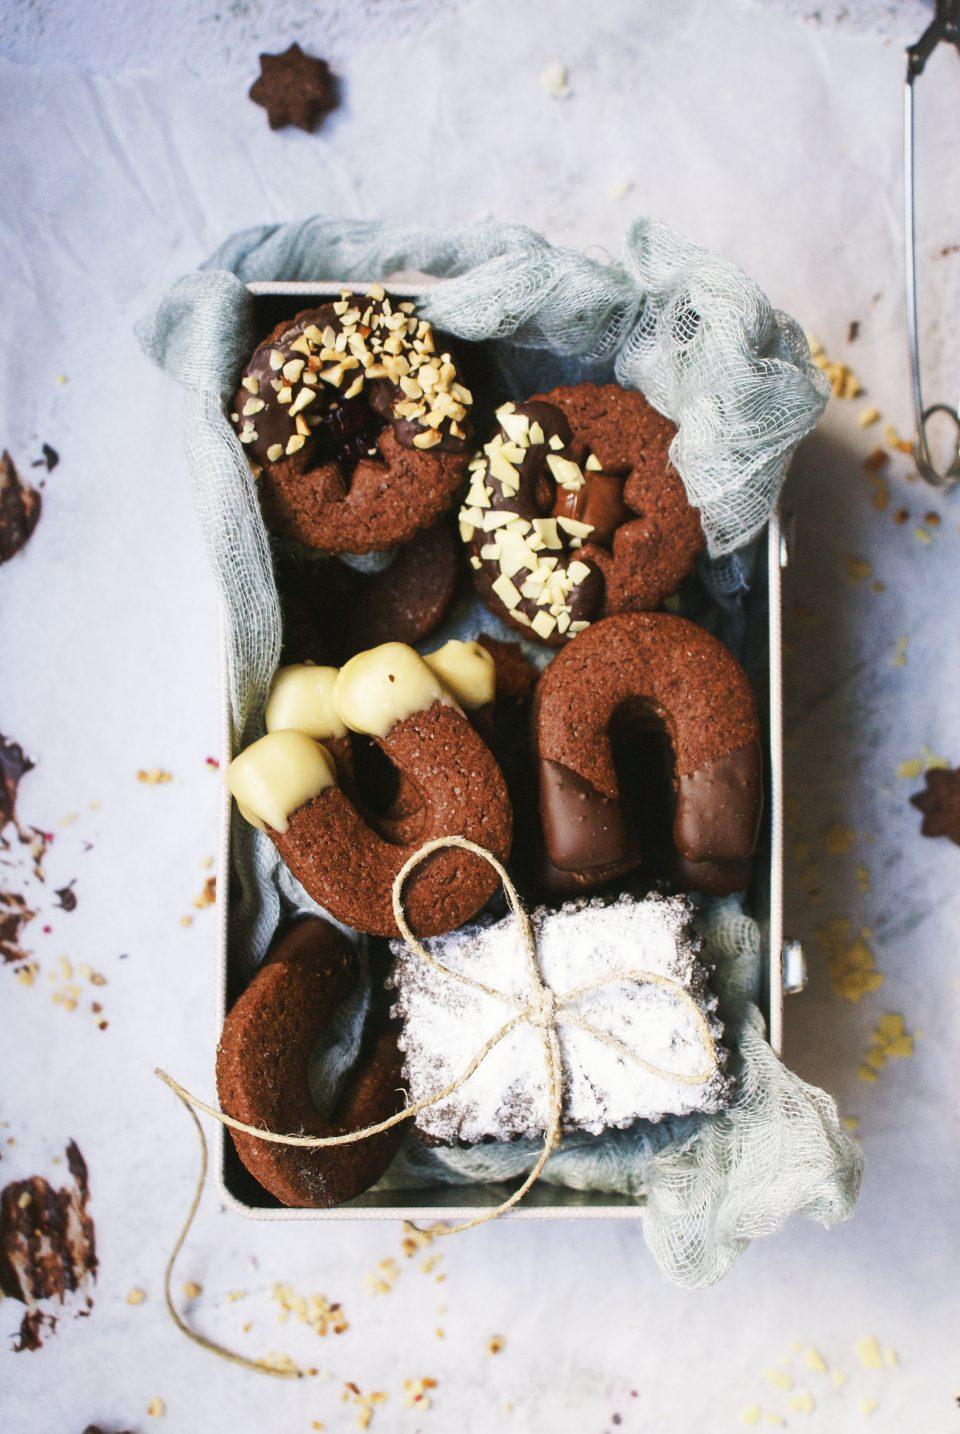 Biscotti con farina di riso e cioccolato senza glutine ripieni di crema di nocciole o marmellata di mirtilli e ricoperti di cioccolato fondente, scagliette di cioccolato bianco e granella di nocciole.